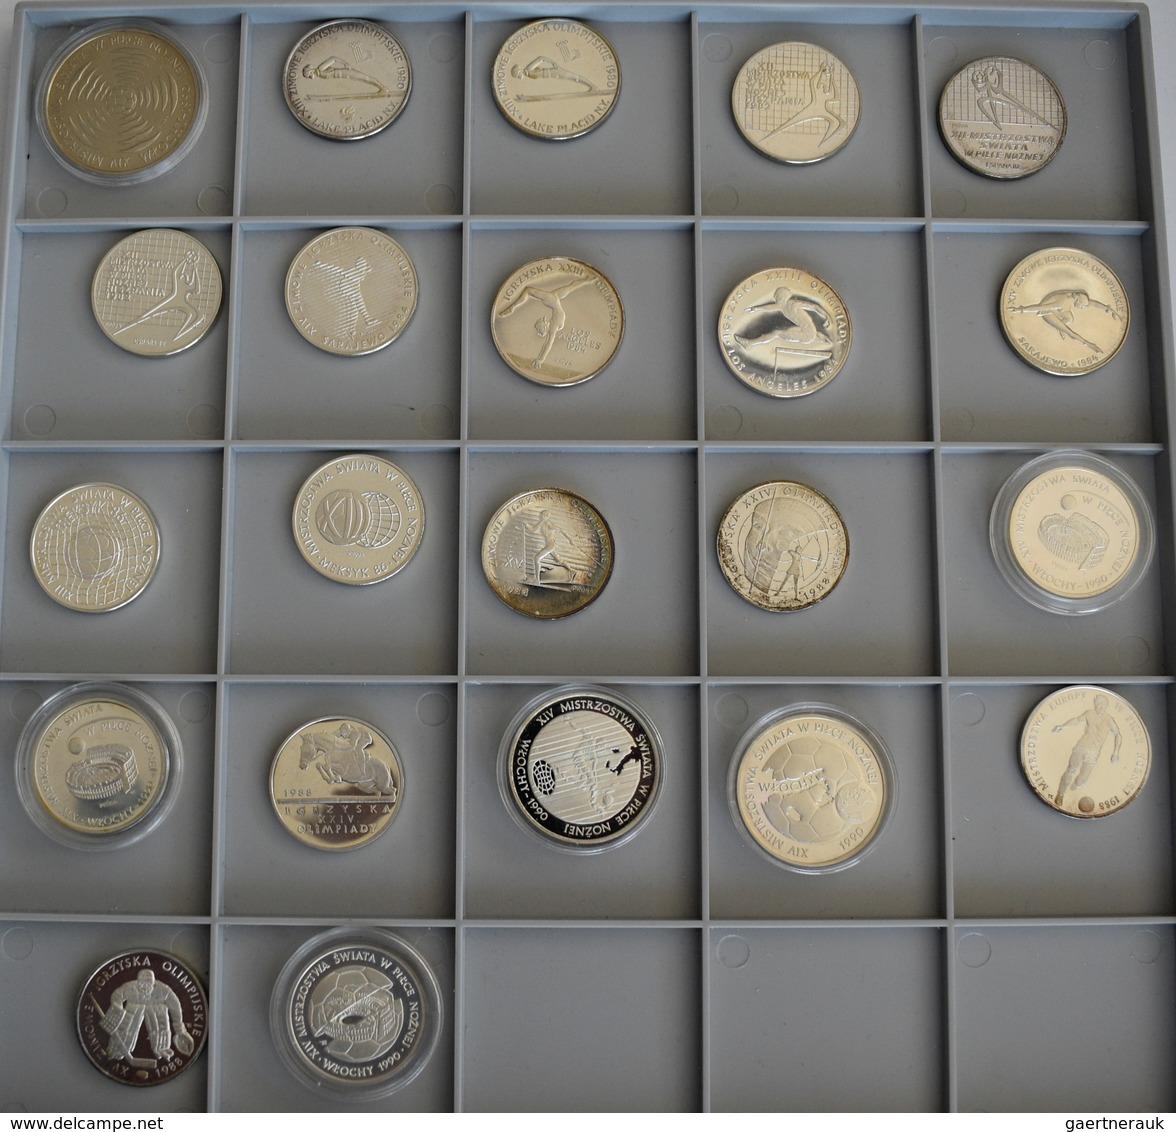 Polen: Sammlung 22 Diverse Münzen Aus Polen, Sportmotive Wie Olympiade Oder Fußball, 21 Münzen Aus S - Pologne